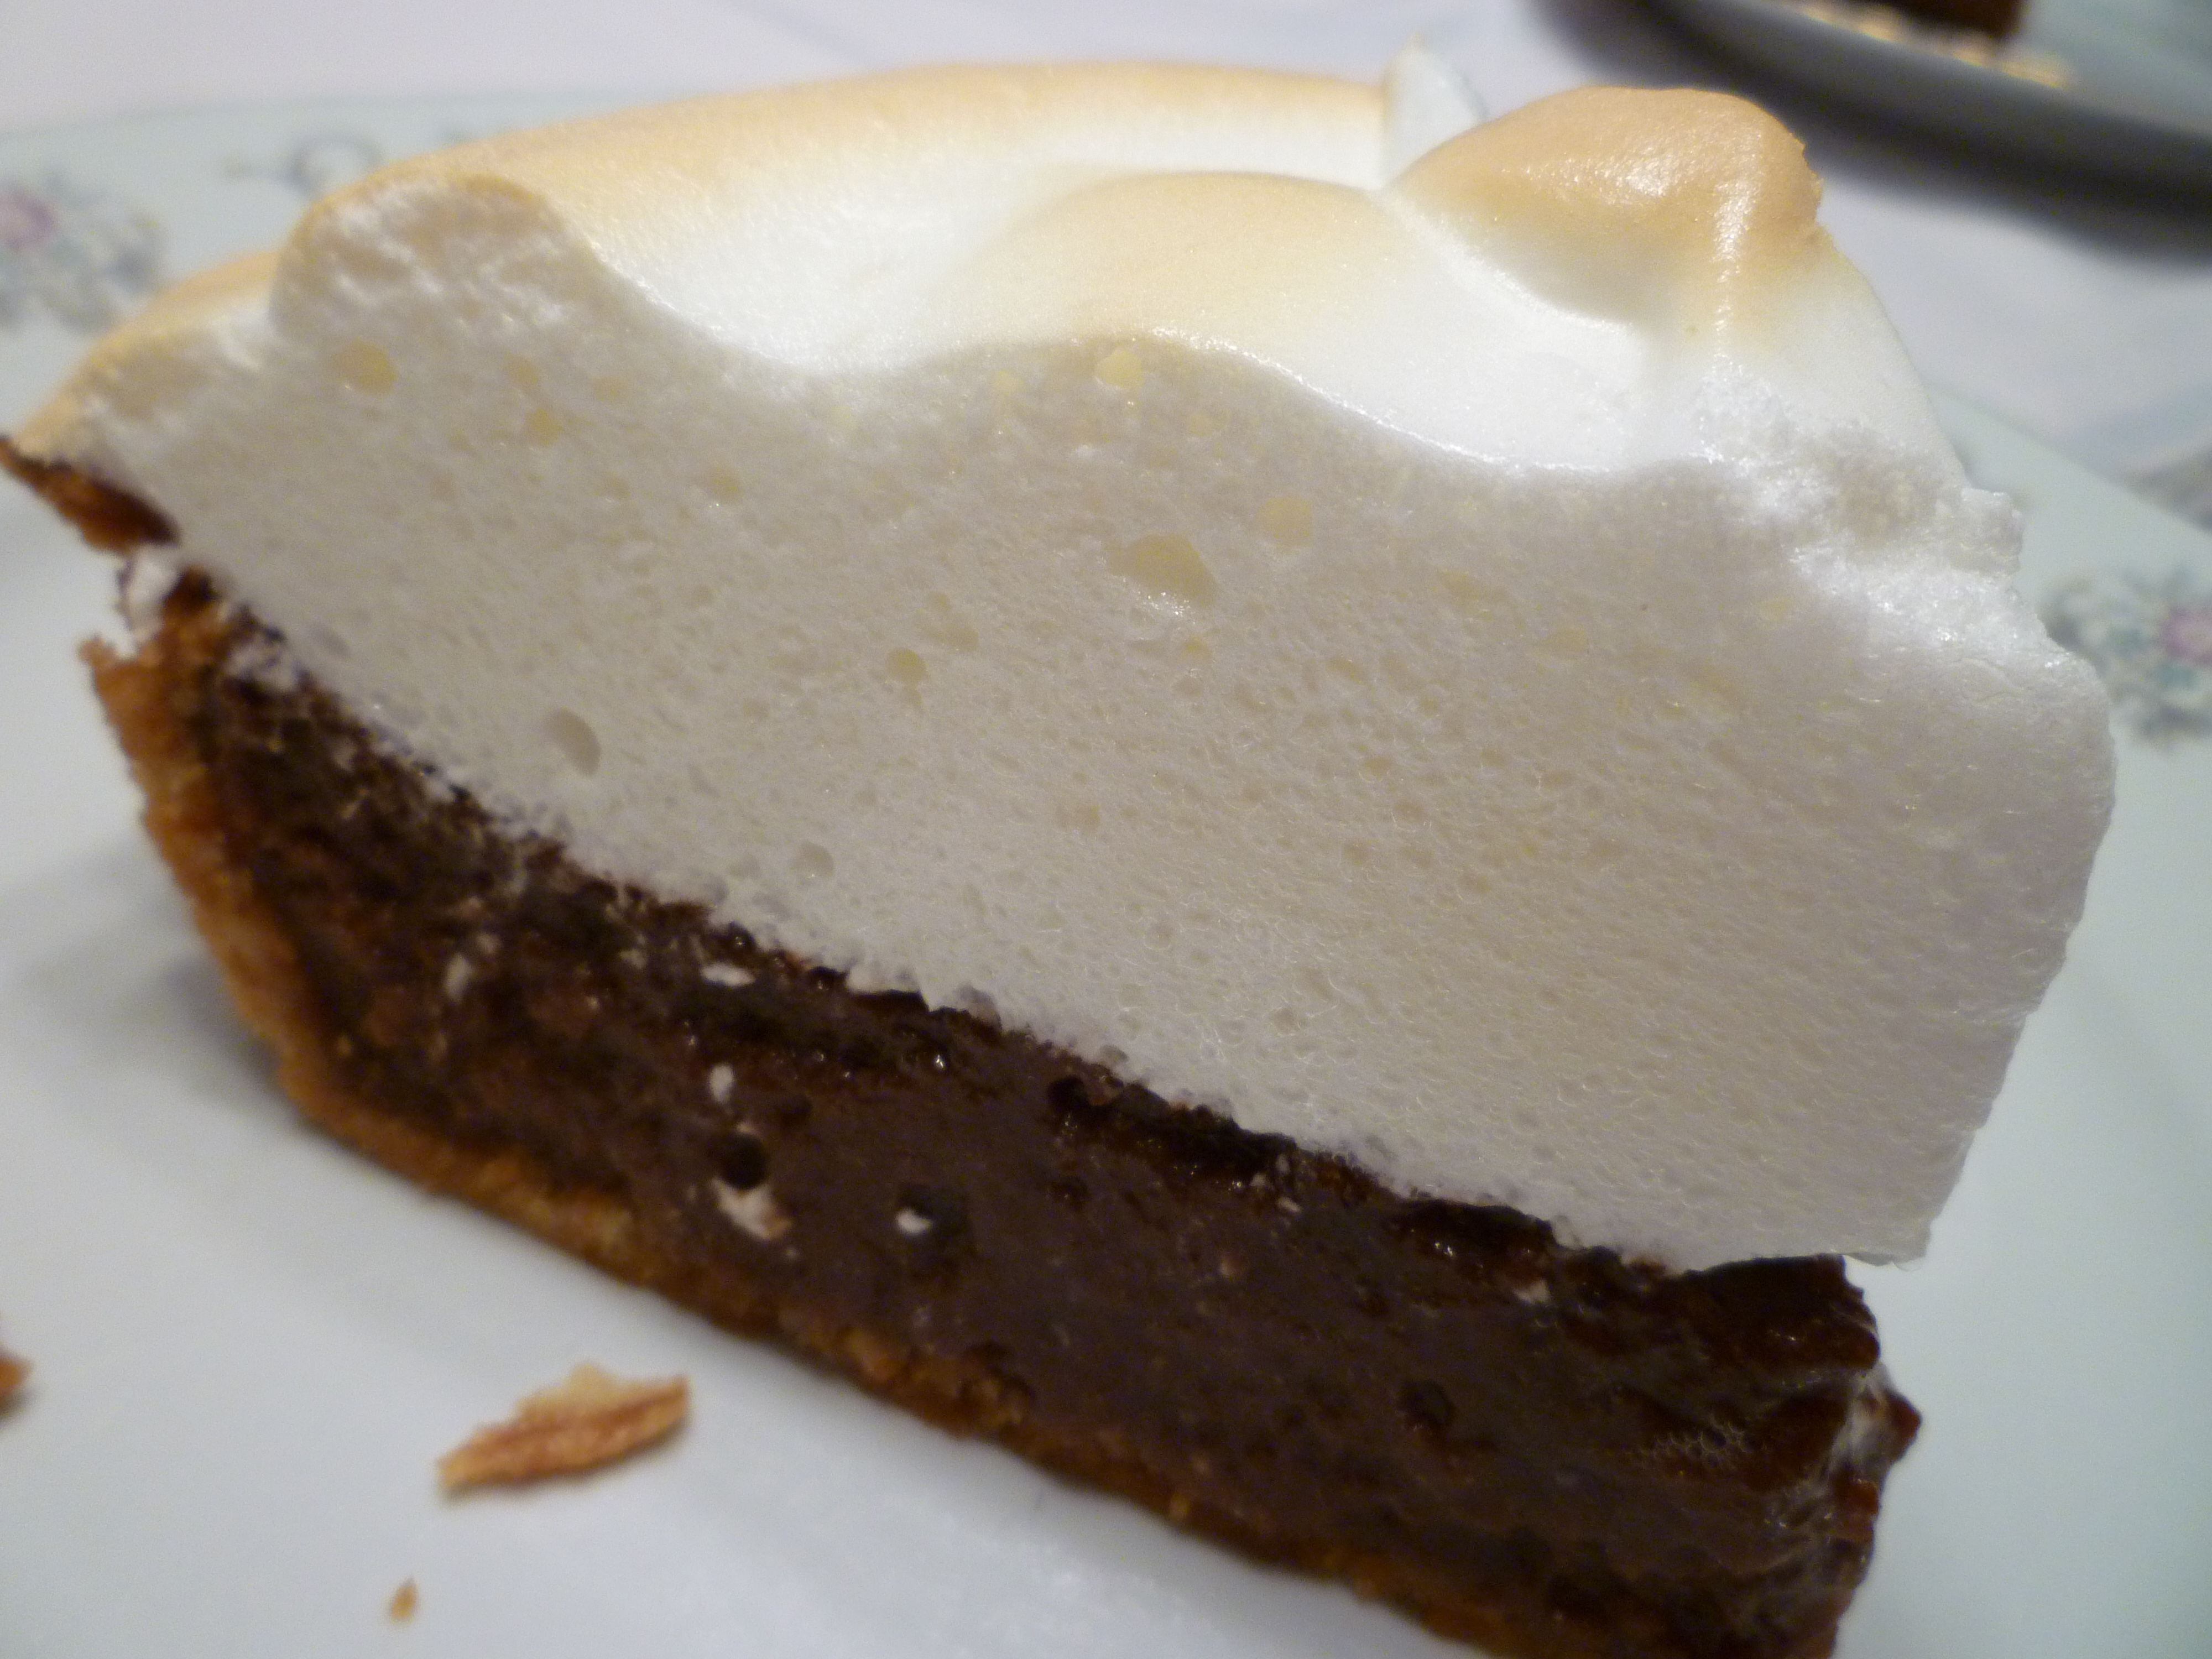 Chocolate Meringue Pie Evaporated Milk